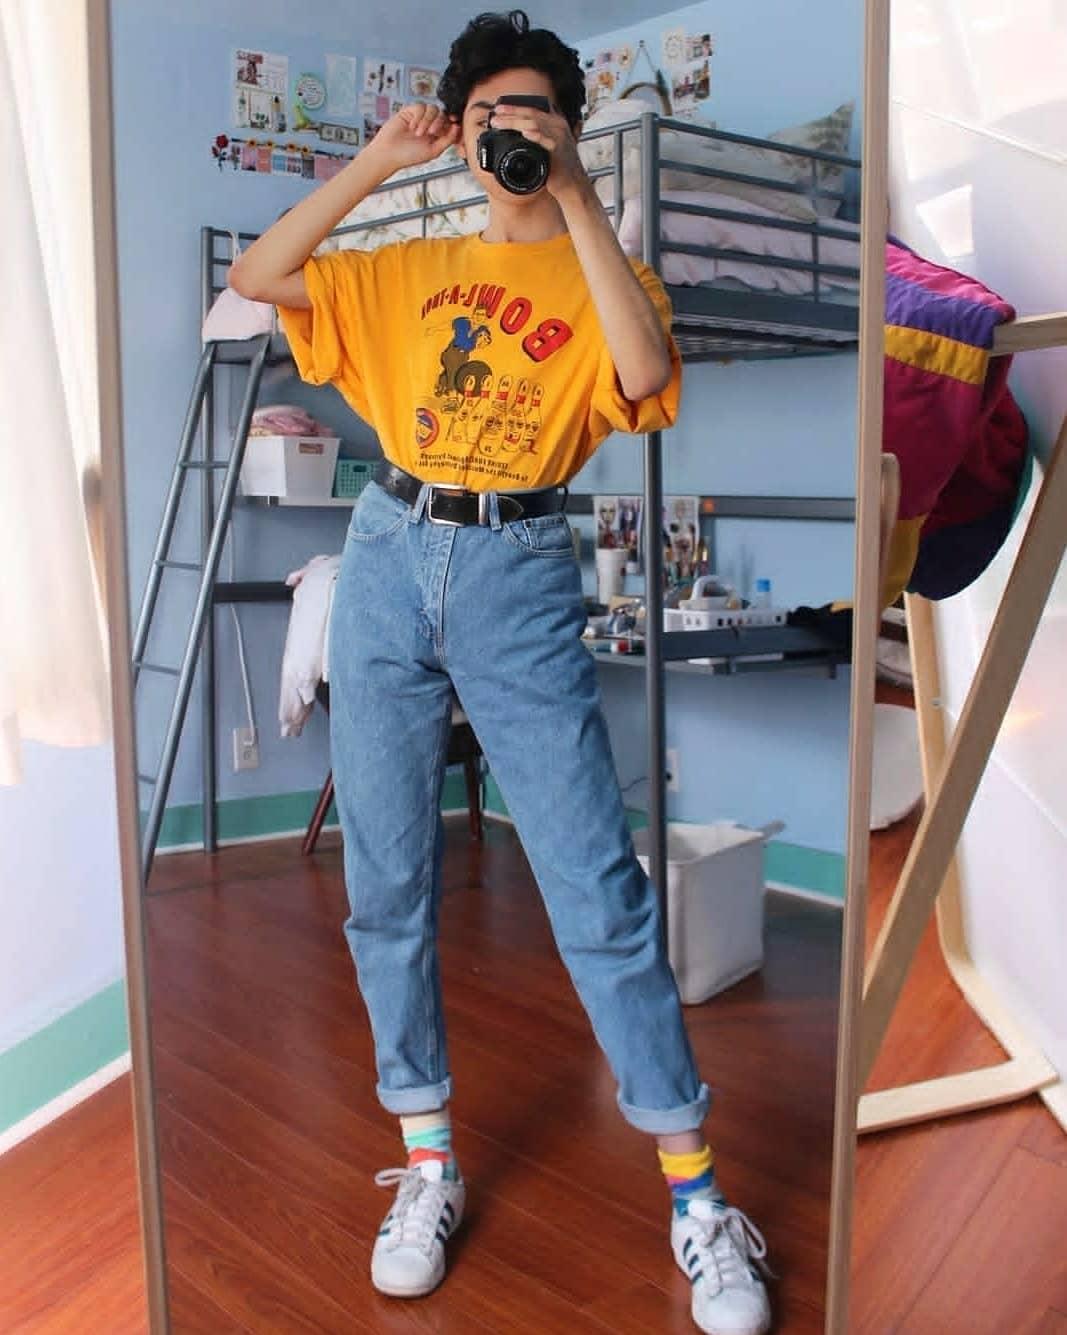 網紅模仿《美少女戰士》日常穿搭被瘋傳 他用時尚配色「還原本尊」媲美名模氣勢!